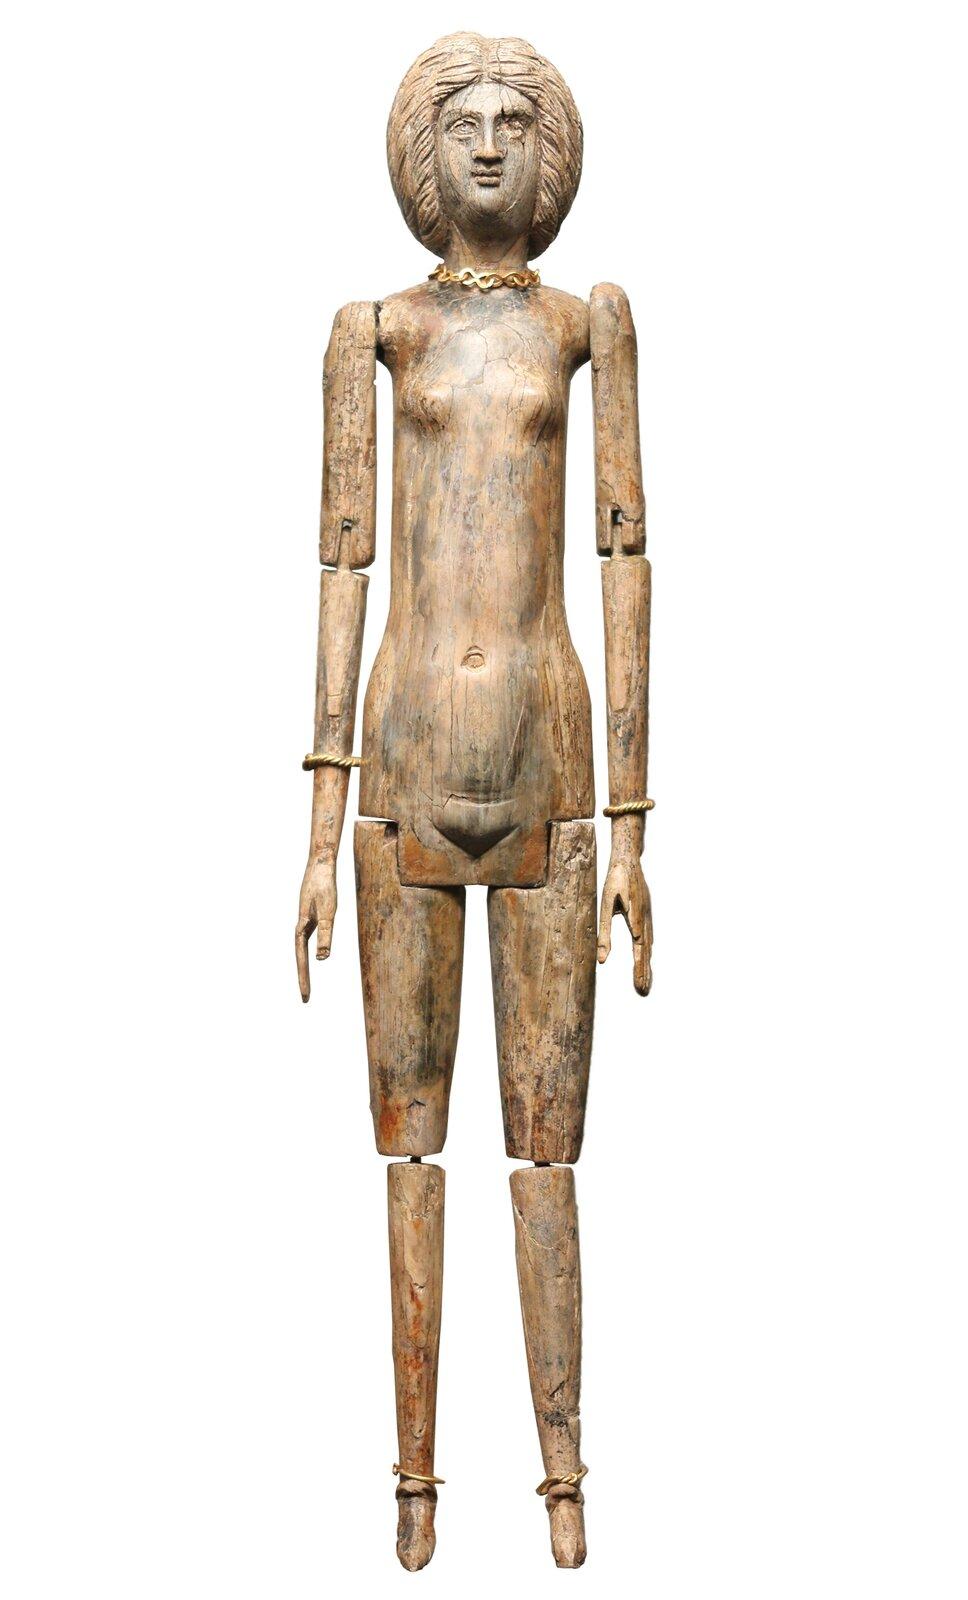 rzymska lalka Źródło: Ryan Baumann, Wikimedia Commons, licencja: CC BY 2.0.